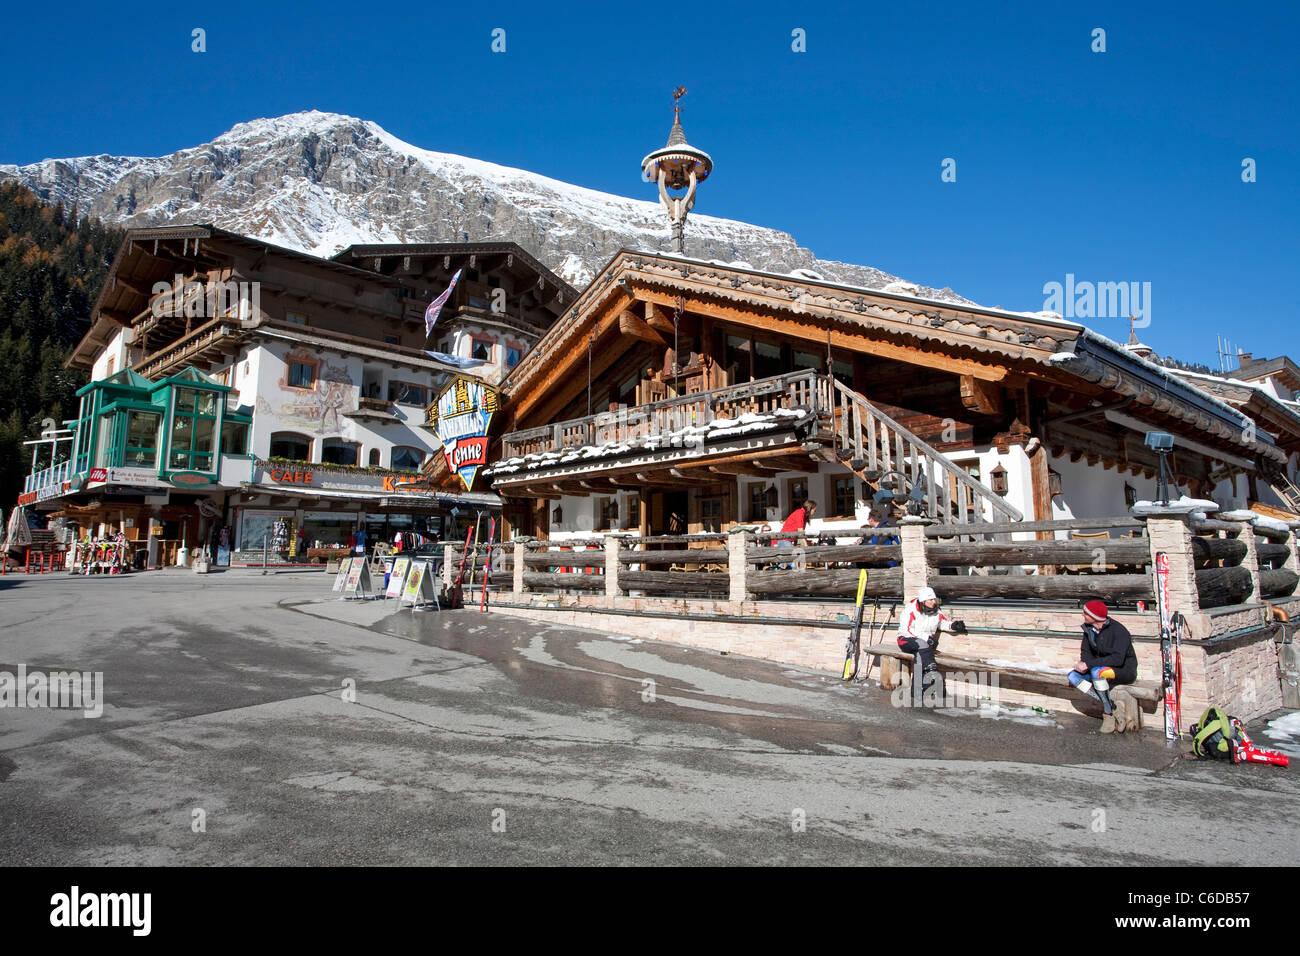 Hotel und Partyhaus in der Talstation, Hintertuxer Gletscher, Hintertux, Tuxertal, Hotel and Partyhouse, Tenne Stock Photo